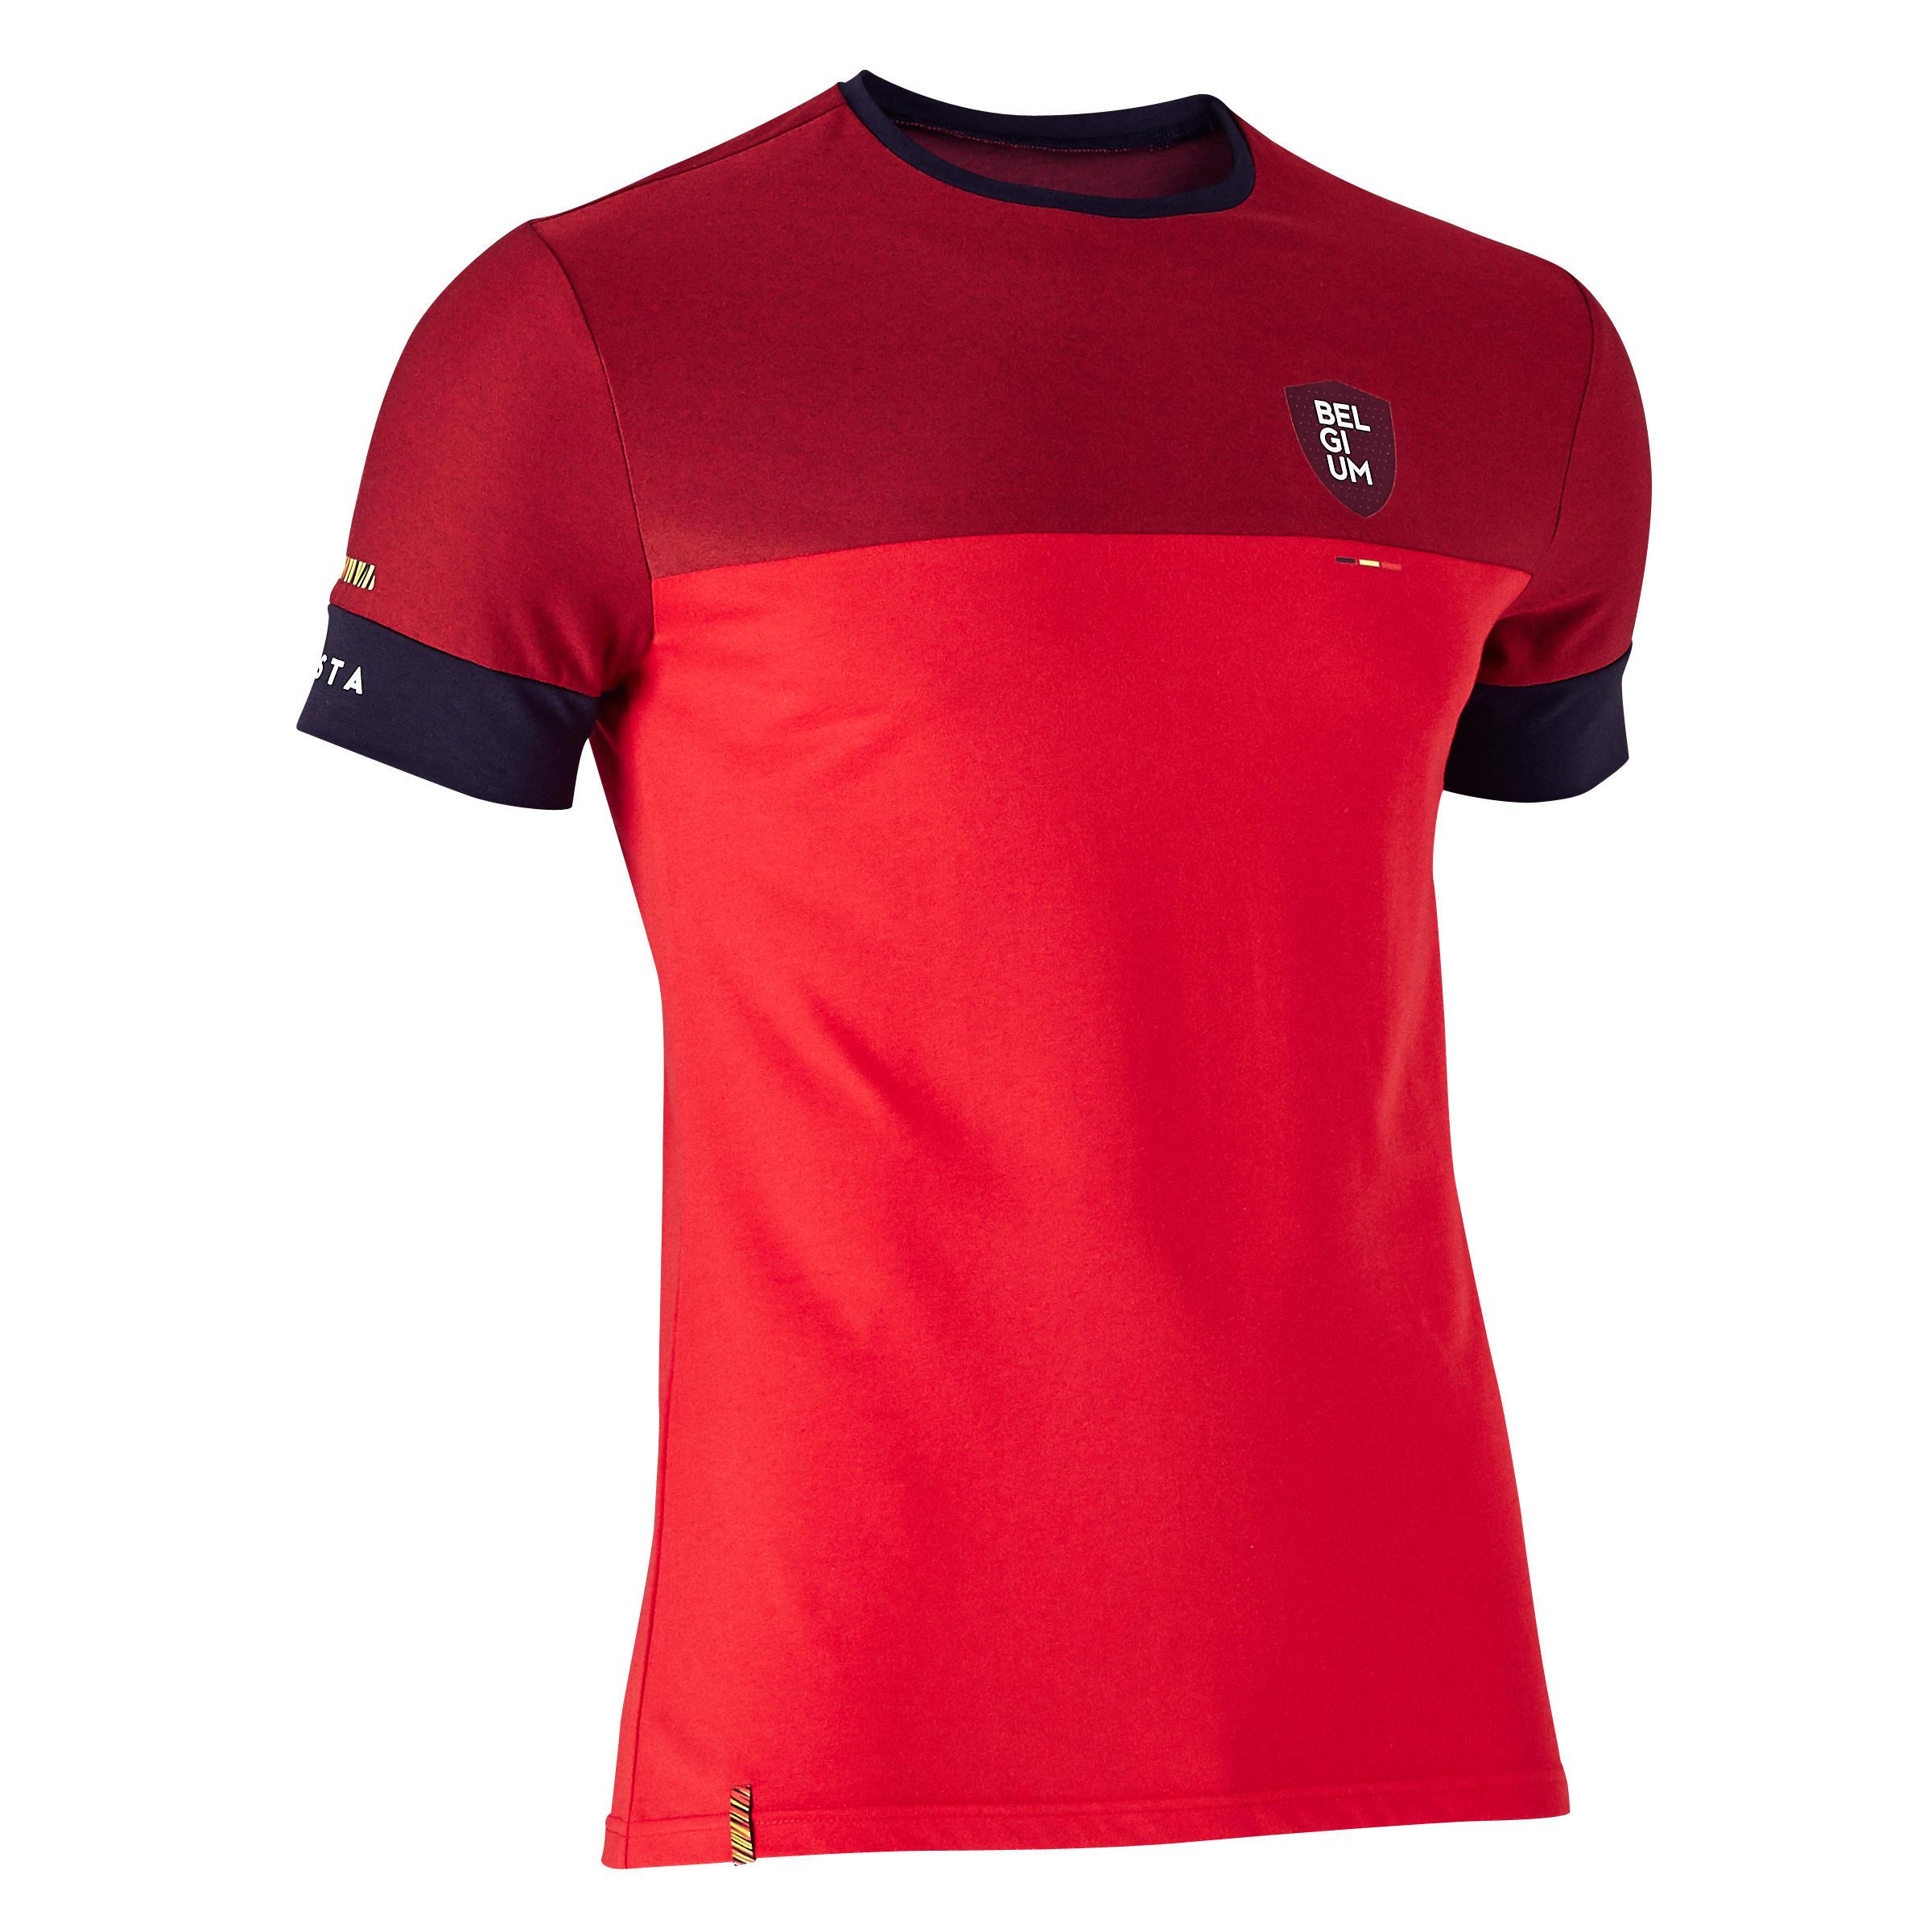 Kipsta Voetbalshirt Belgi� voor volwassenen FF100 rood